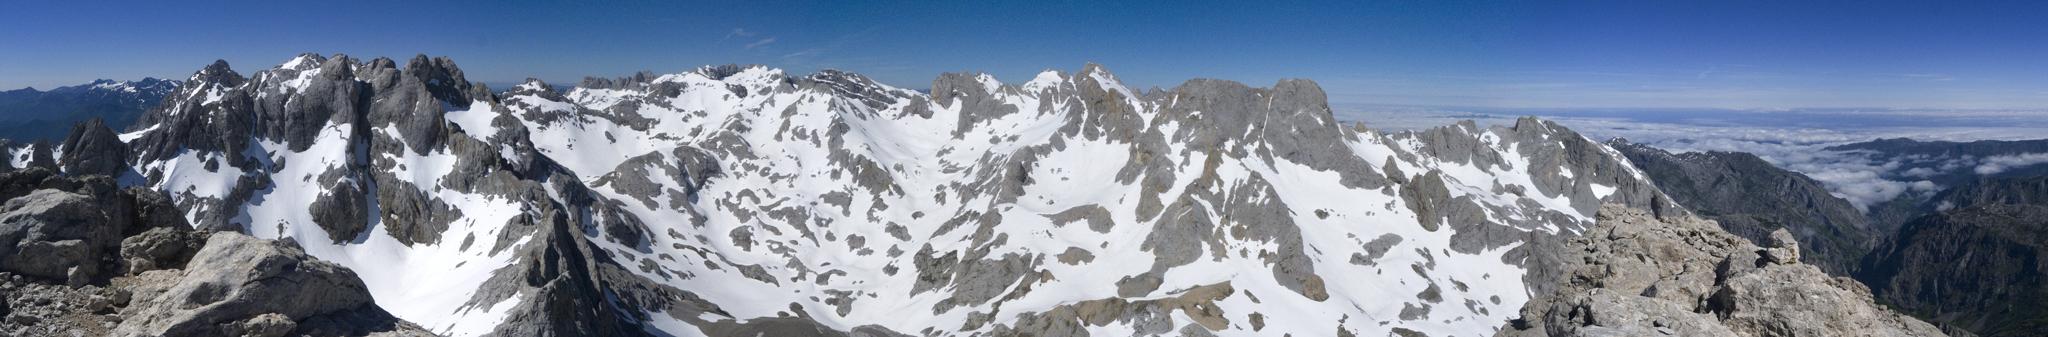 Panoramica sur-norte-oeste del Urriellu